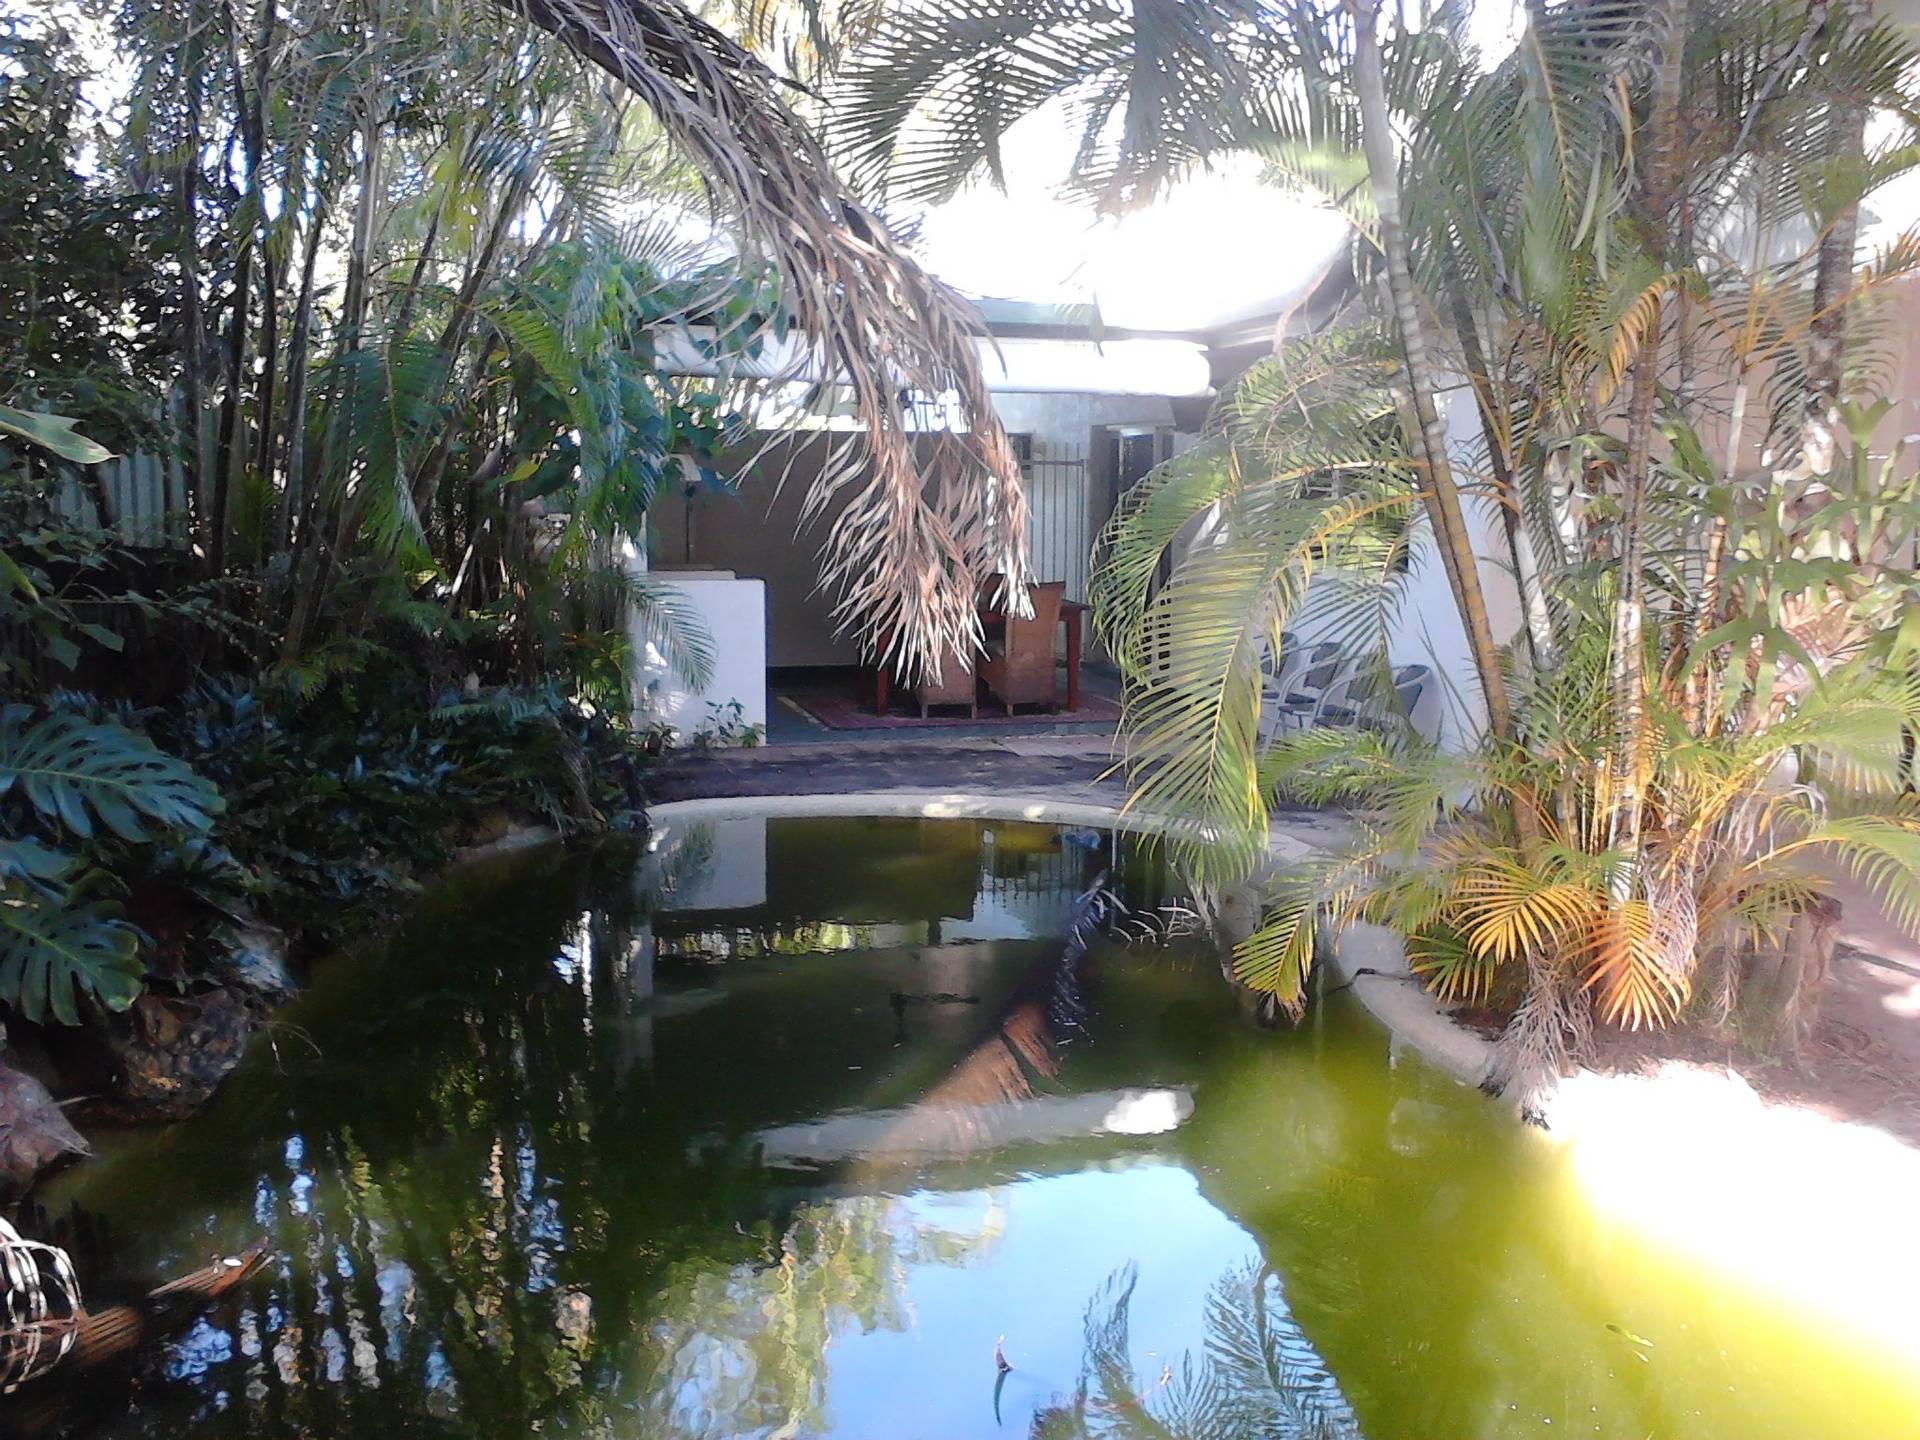 Back Pool Aera Before